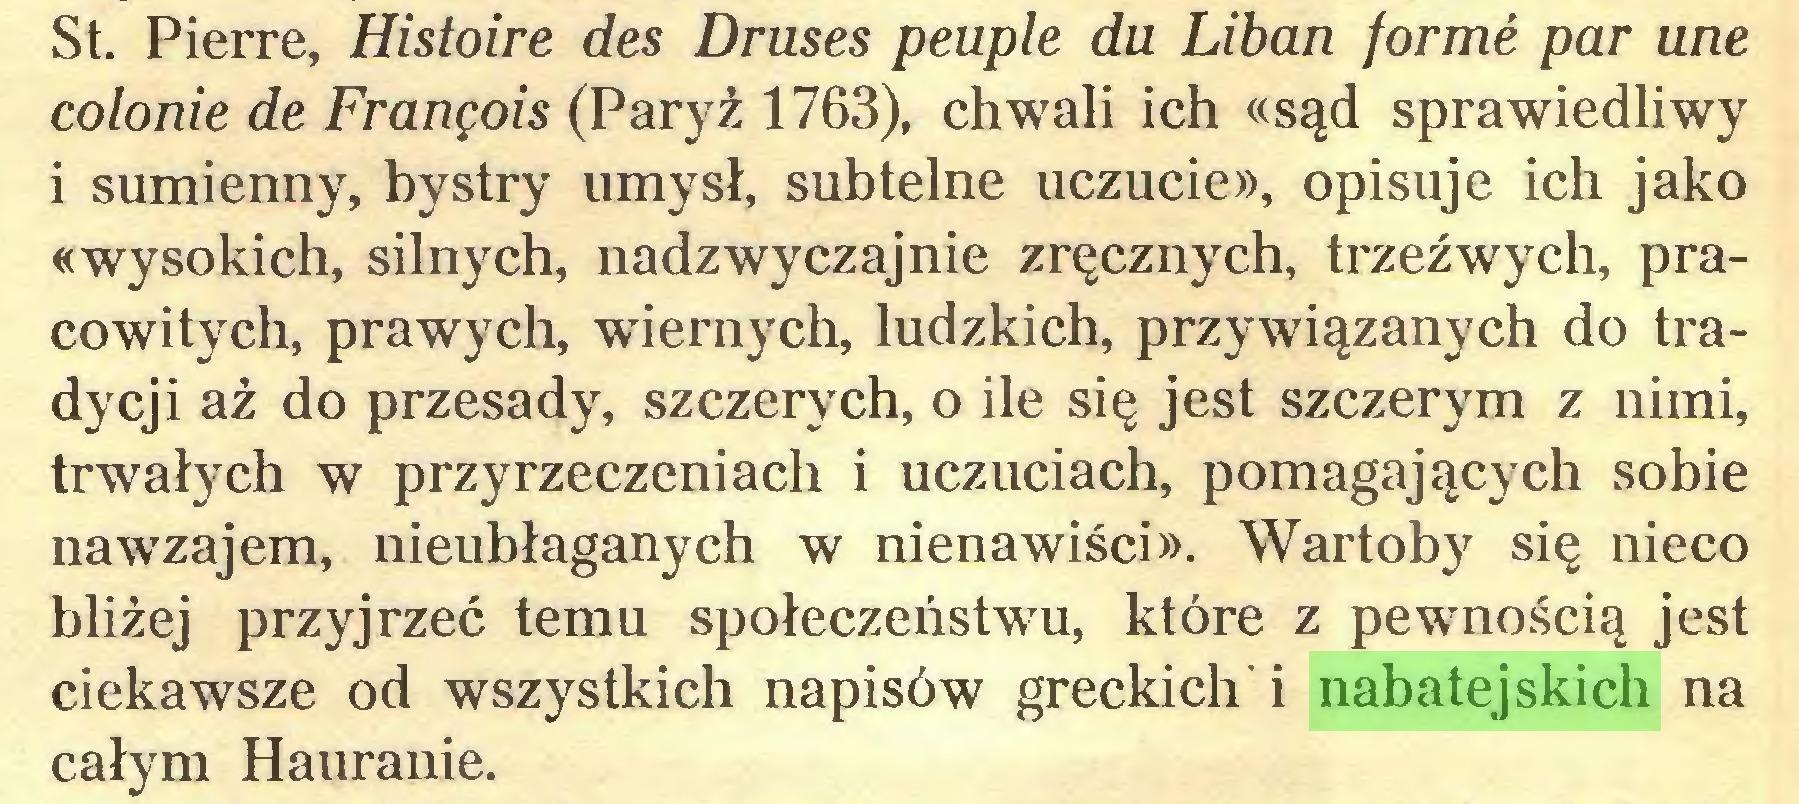 (...) St. Pierre, Histoire des Druses peuple du Liban formé par une colonie de François (Paryż 1763), chwali ich «sąd sprawiedliwy i sumienny, bystry umysł, subtelne uczucie», opisuje ich jako «wysokich, silnych, nadzwyczajnie zręcznych, trzeźwych, pracowitych, prawych, wiernych, ludzkich, przywiązanych do tradycji aż do przesady, szczerych, o ile się jest szczerym z nimi, trwałych w przyrzeczeniach i uczuciach, pomagających sobie nawzajem, nieubłaganych w nienawiści». Wartoby się nieco bliżej przyjrzeć temu społeczeństwu, które z pewnością jest ciekawsze od wszystkich napisów greckich i nabatejskich na całym Hauranie...